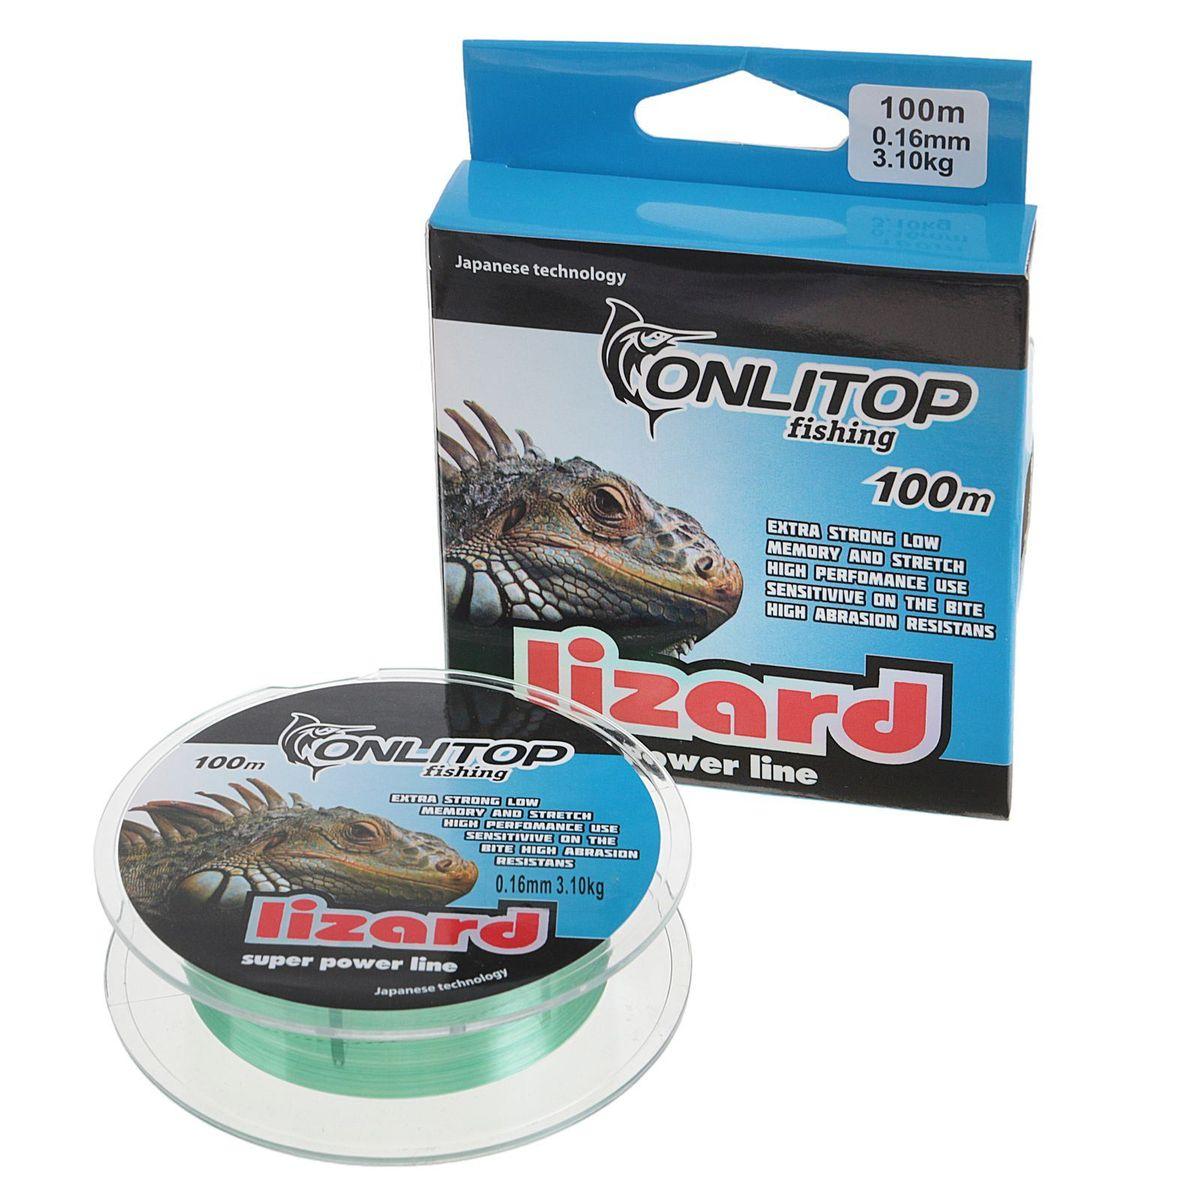 Леска Onlitop Lizard, цвет: зеленый, 100 м, 0,16 мм, 3,1 кг коврик onlitop blue 134199